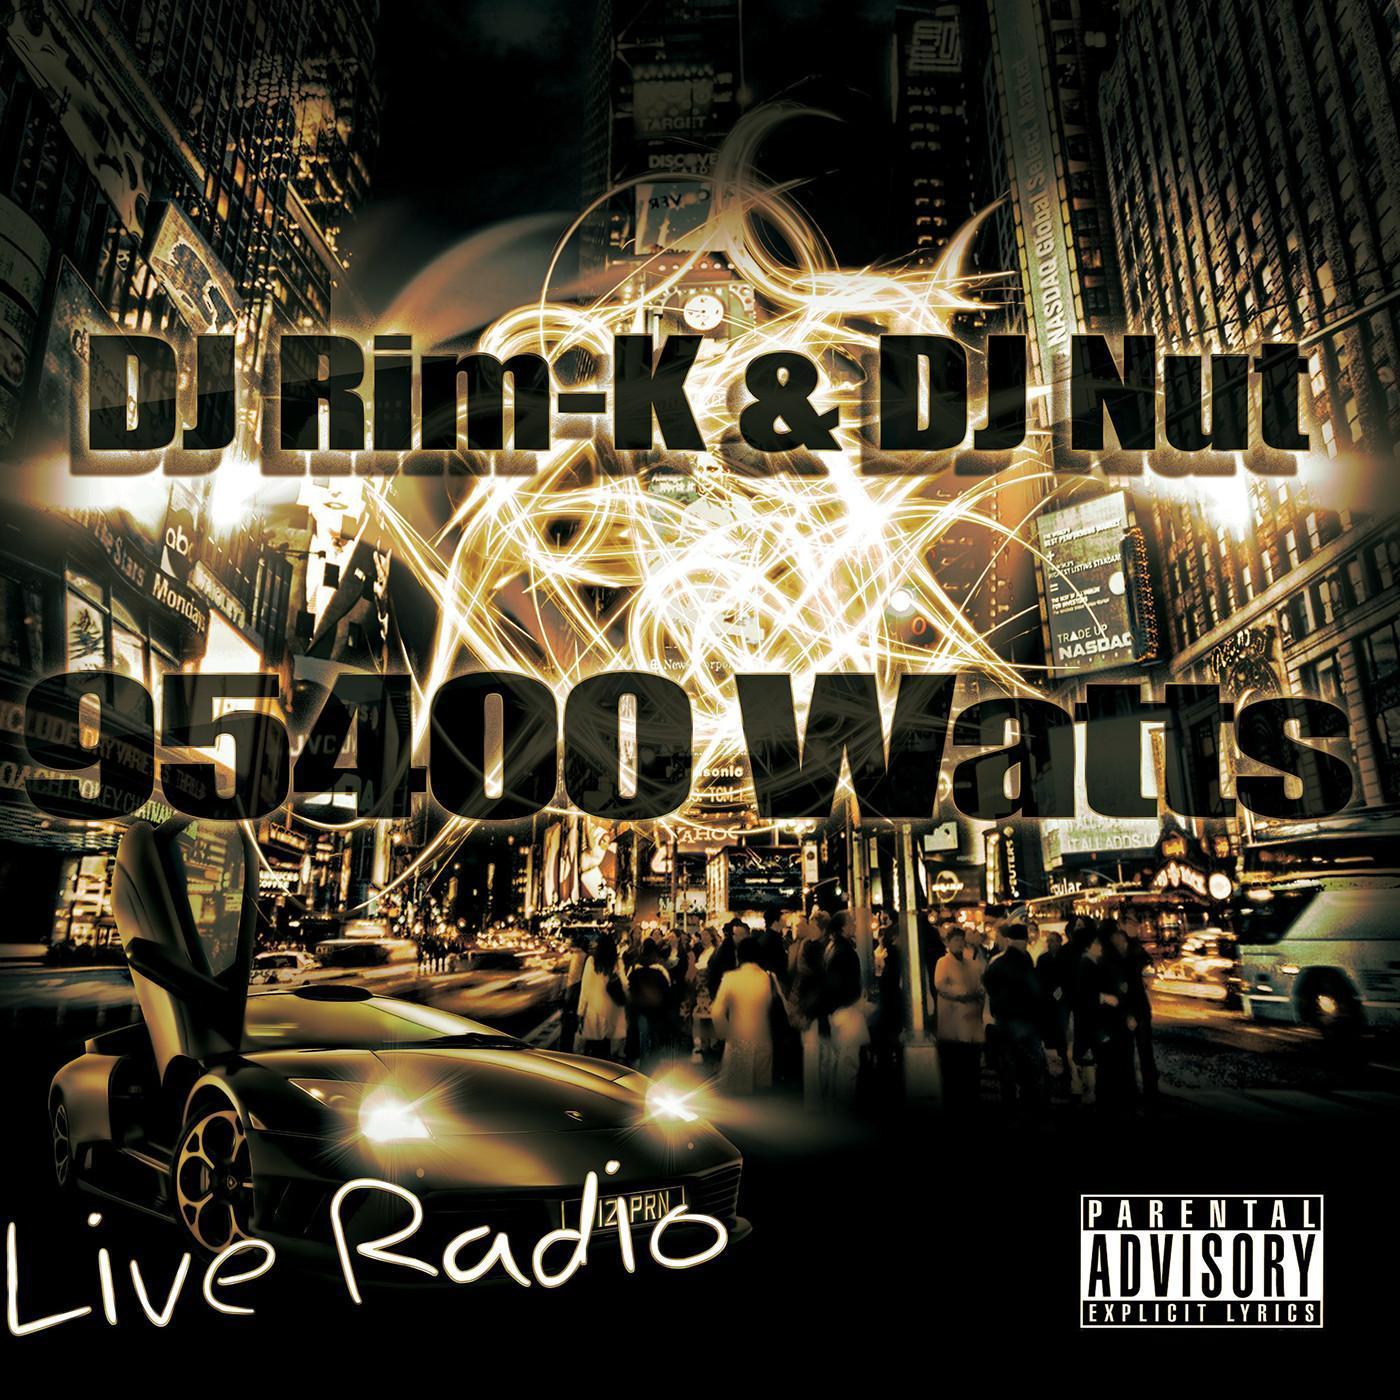 Live Radio Part 1